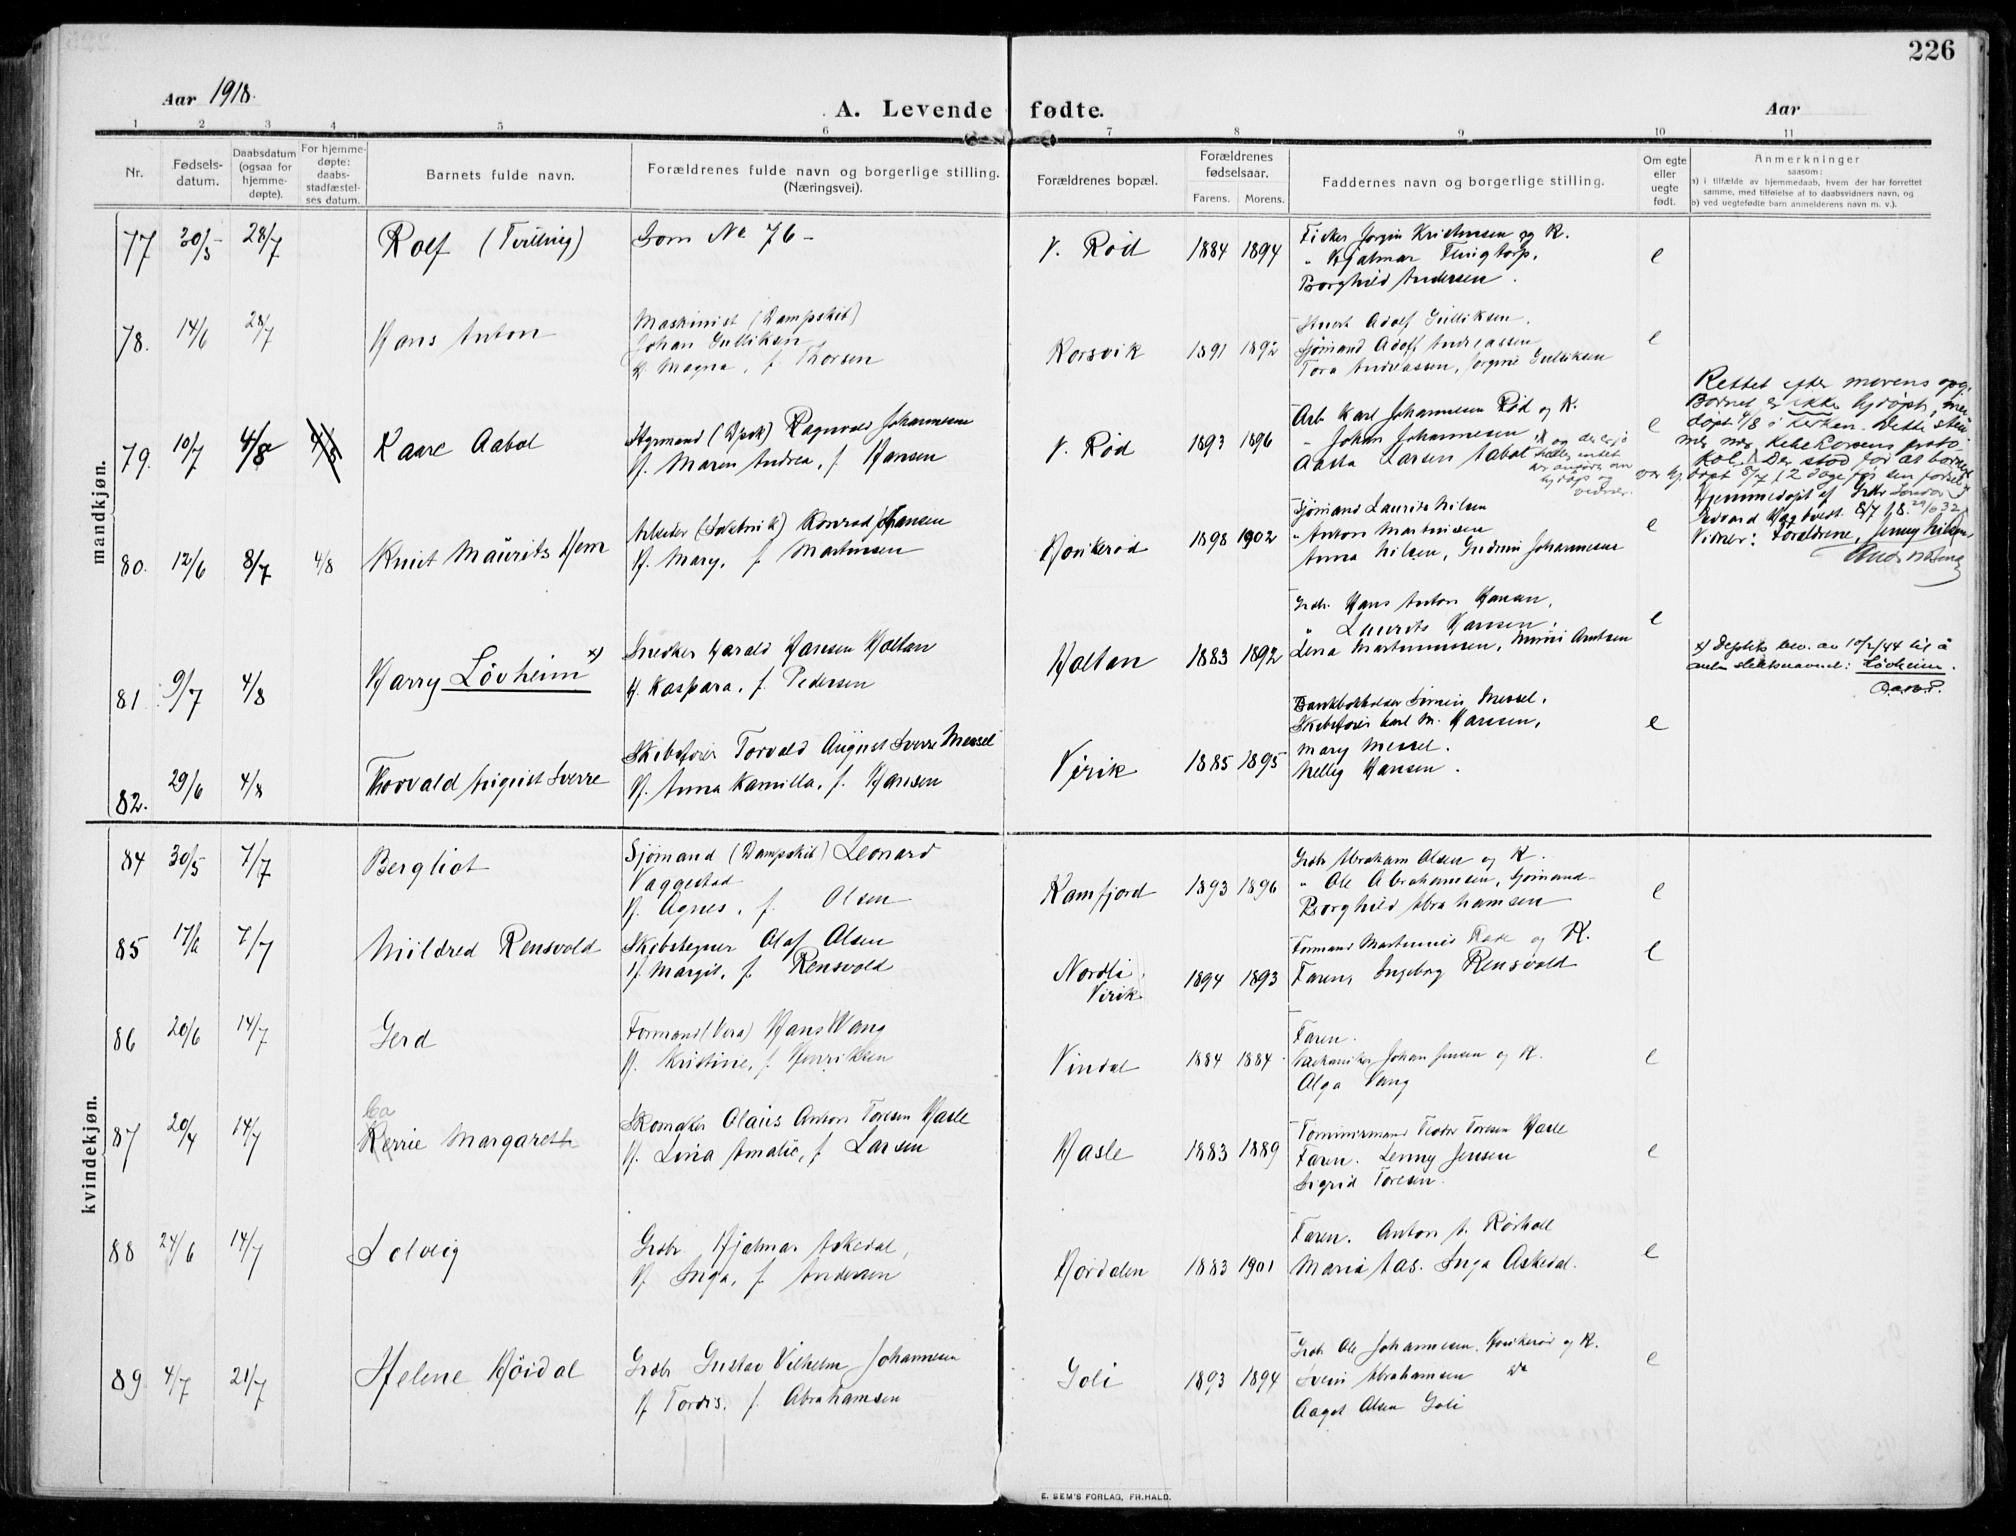 SAKO, Sandar kirkebøker, F/Fa/L0016: Ministerialbok nr. 16, 1909-1919, s. 226